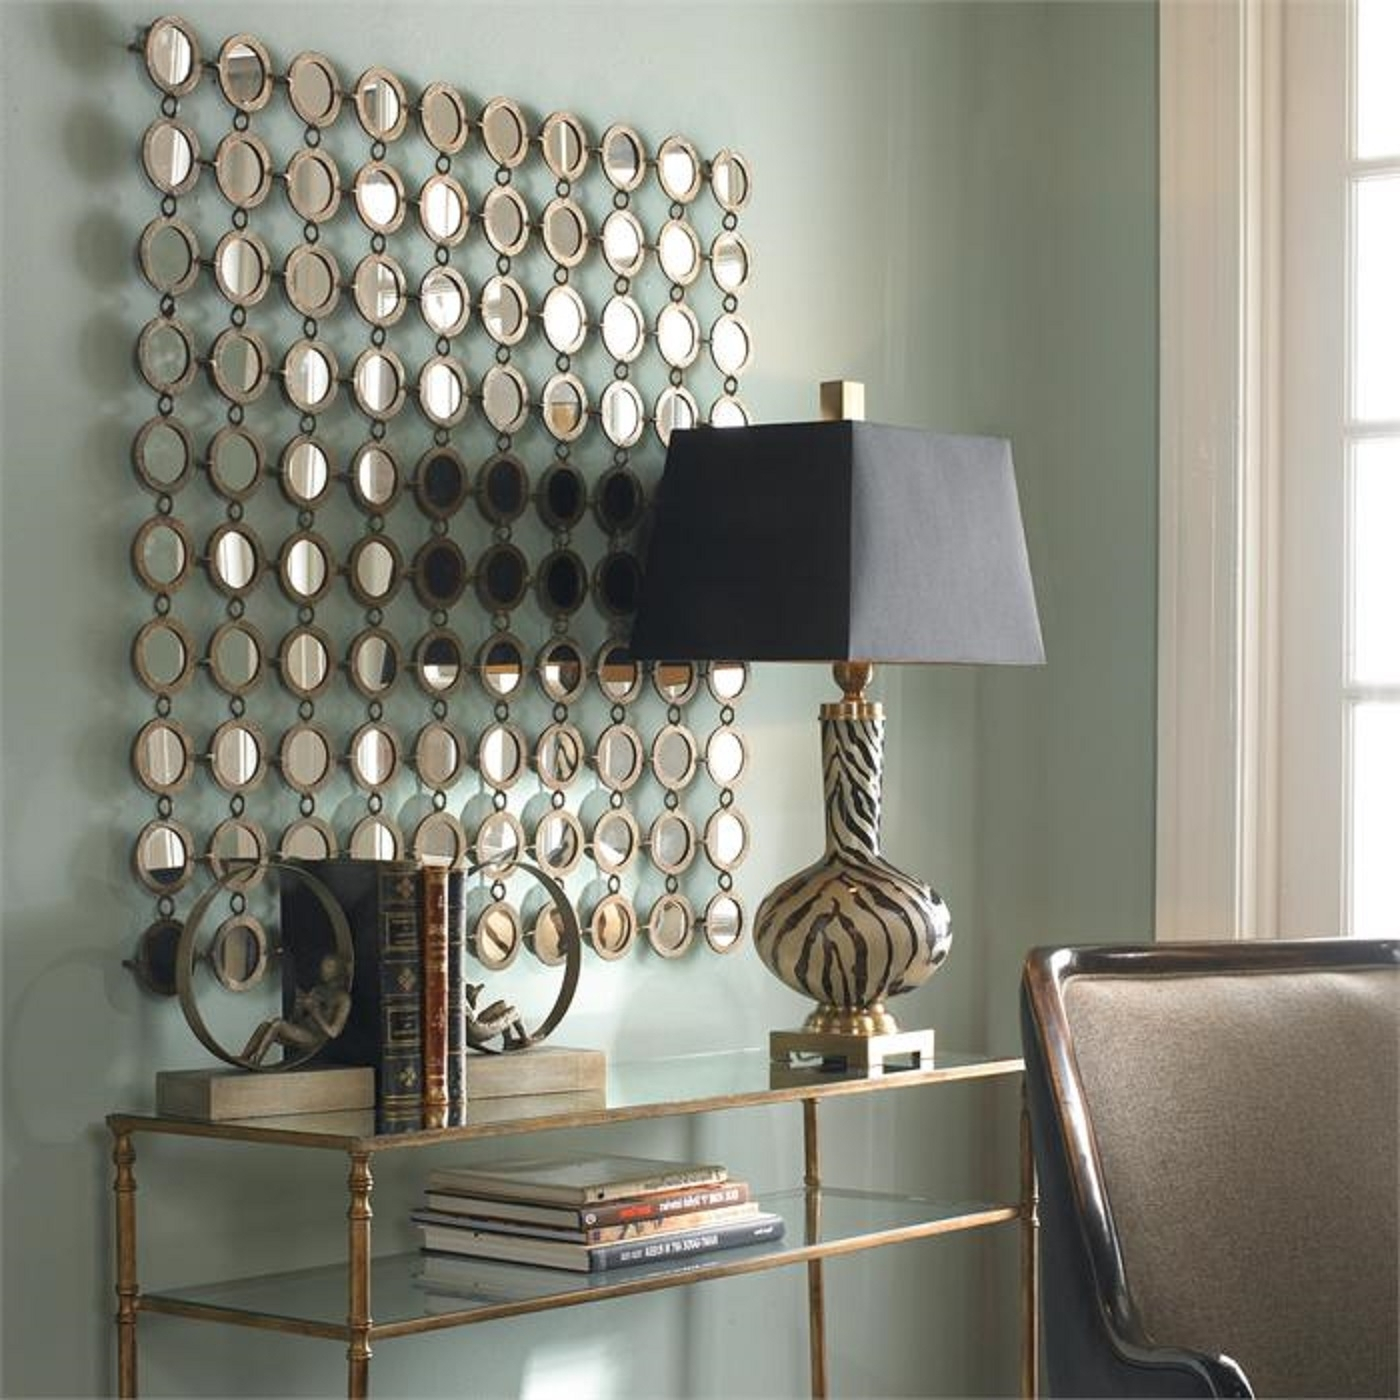 Jeffsbakery Basement & Mattress Pertaining To Recent Contemporary Mirror Wall Art (View 7 of 15)